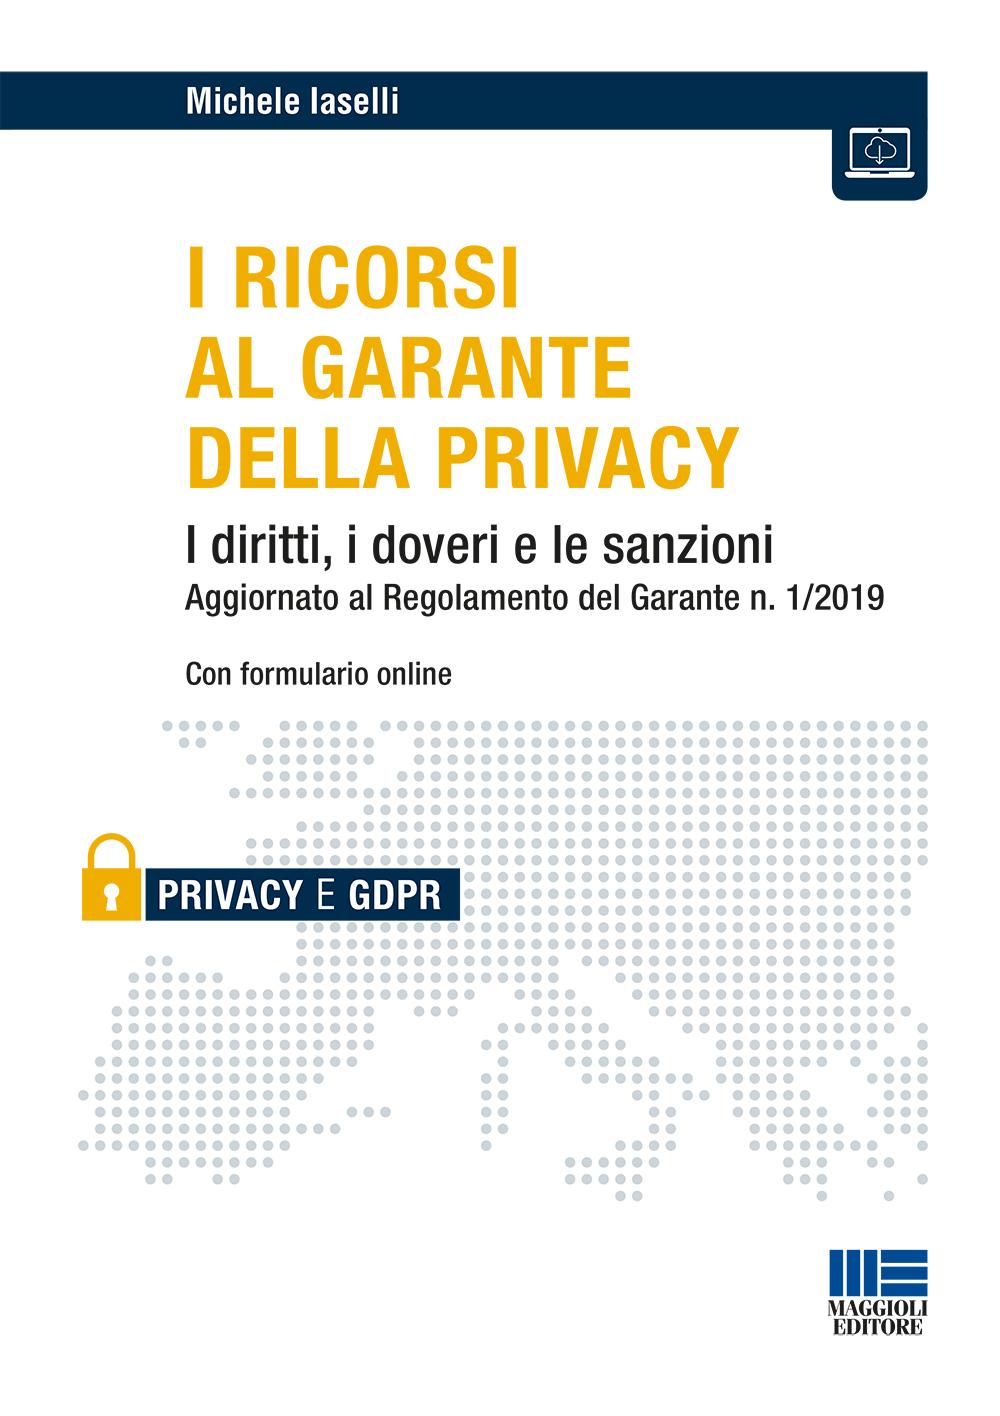 I Ricorsi al garante della privacy